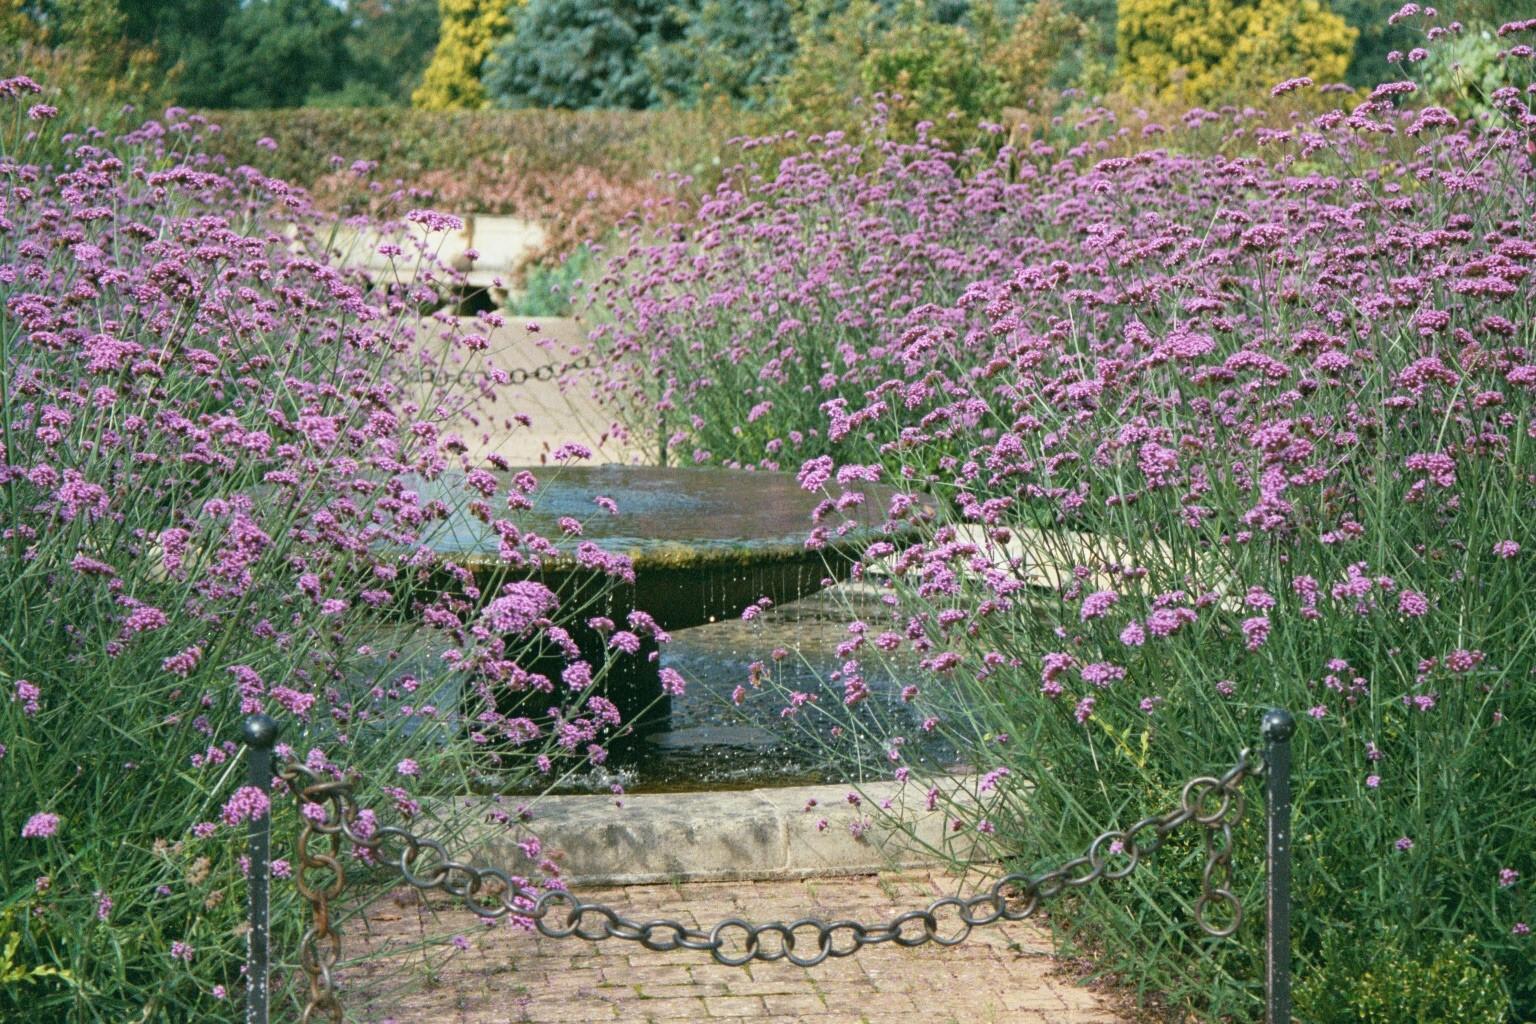 VERBENA BONARIENSIS |The Garden of Eaden